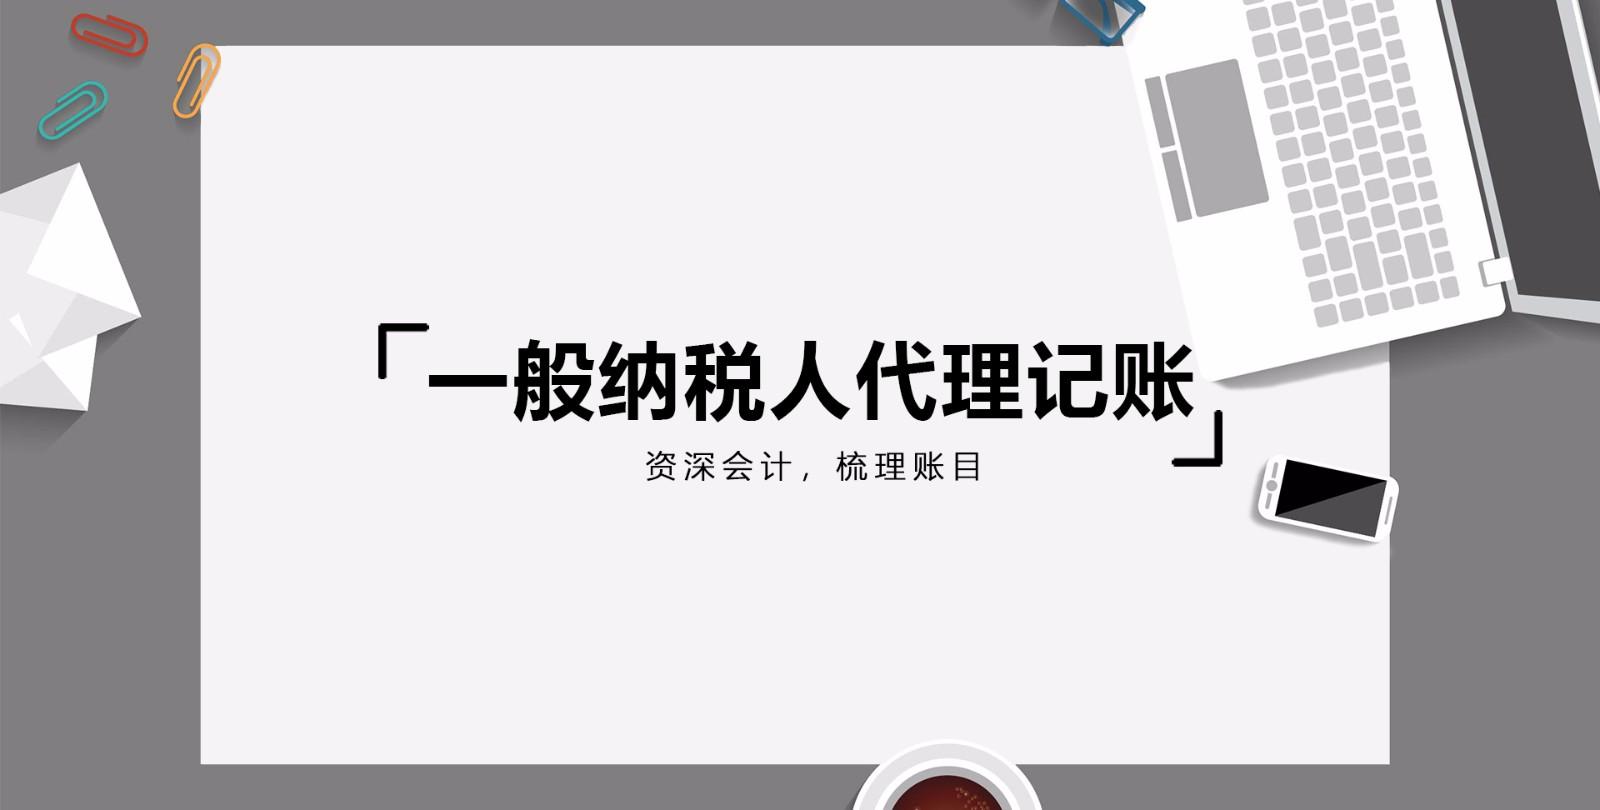 武汉一般纳税人代理记账_武汉代理记账费用_武汉万创